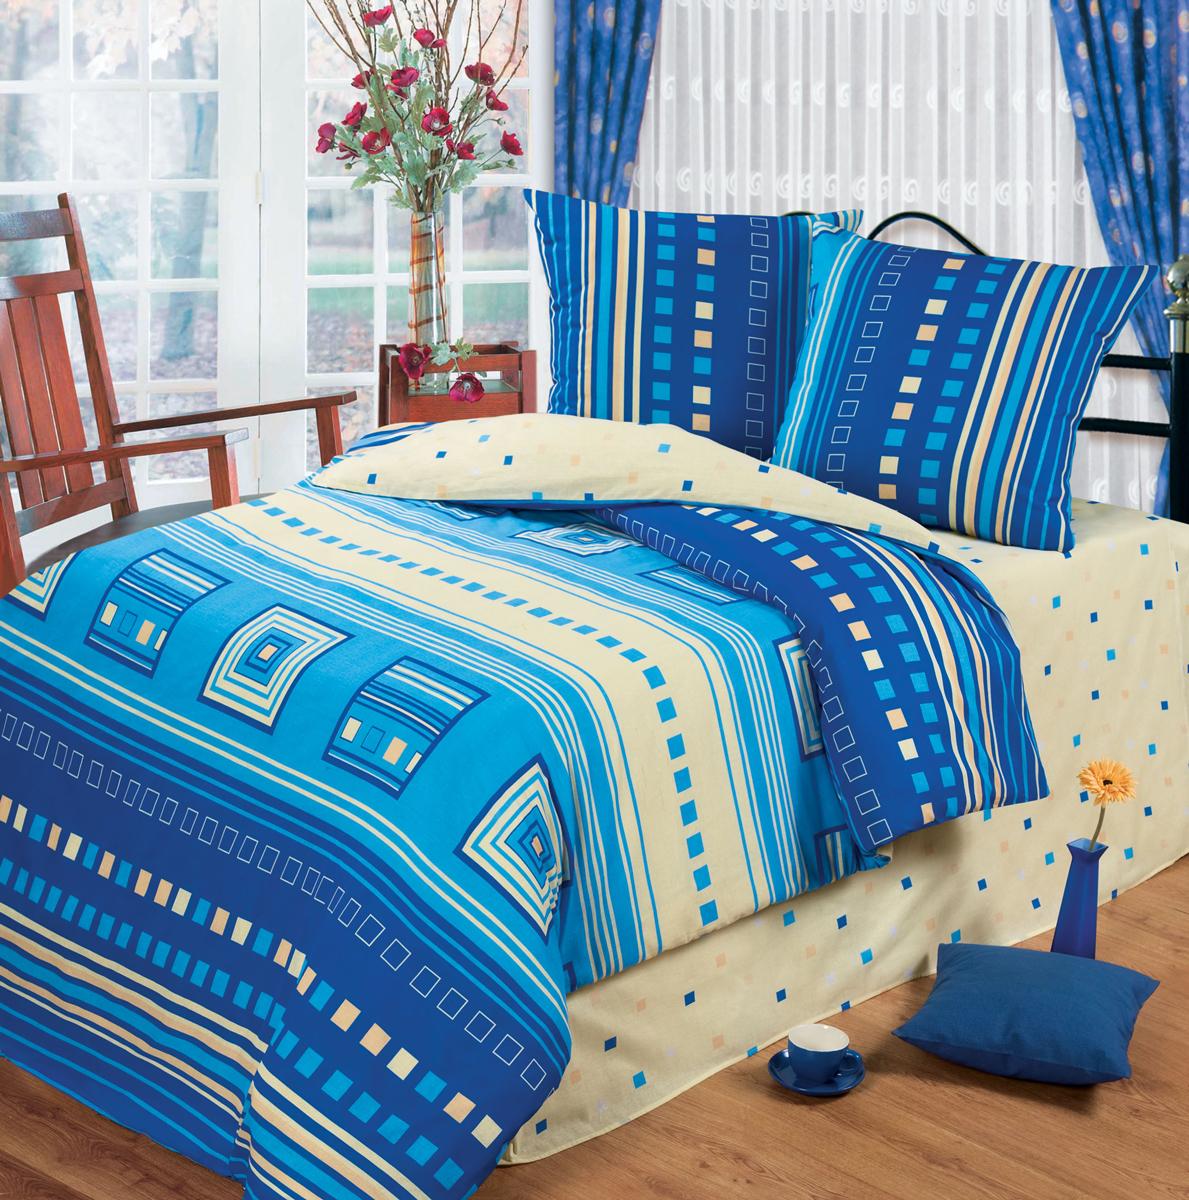 Комплект белья Любимый дом Квадро, 2-спальный, наволочки 70 х 70, цвет: голубой. 333657333657Комплект белья Любимый дом Квадро состоит из простыни, пододеяльника и двух наволочек.Постельное белье торговой марки Любимый дом - это идеальное сочетание доступной цены и высокого качества продукции. Серия Любимый дом 3D выполнена в технике объемного трехмерного изображения: объемные рисунки очень яркие, насыщенные и реалистичные. Коллекция выполнена из традиционной отечественной бязи с высоким показателем износостойкости: такое постельное белье очень прочное и долговечное, не деформируется при стирках и прослужит долгие годы.